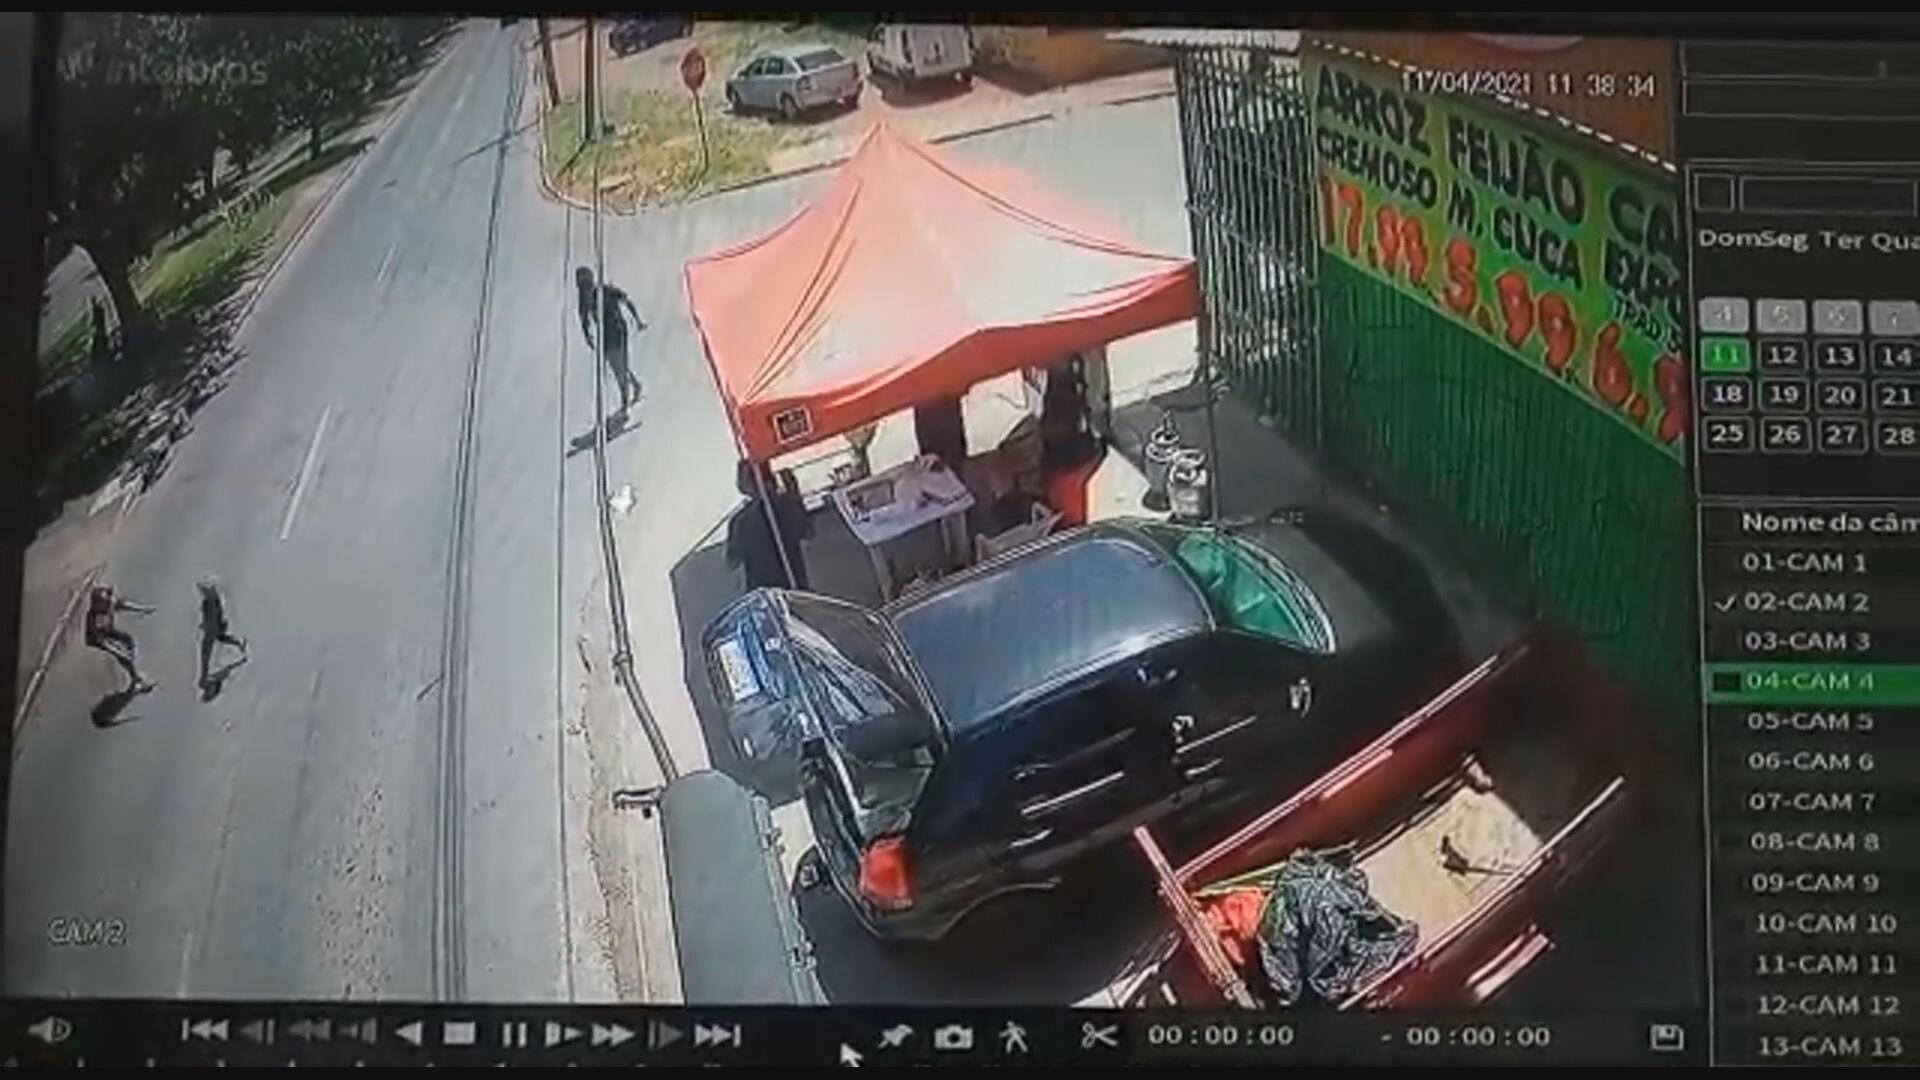 VÍDEO: menino de 4 anos corre atrás de mãe em via e ambos são atropelados por moto no DF; mulher morreu